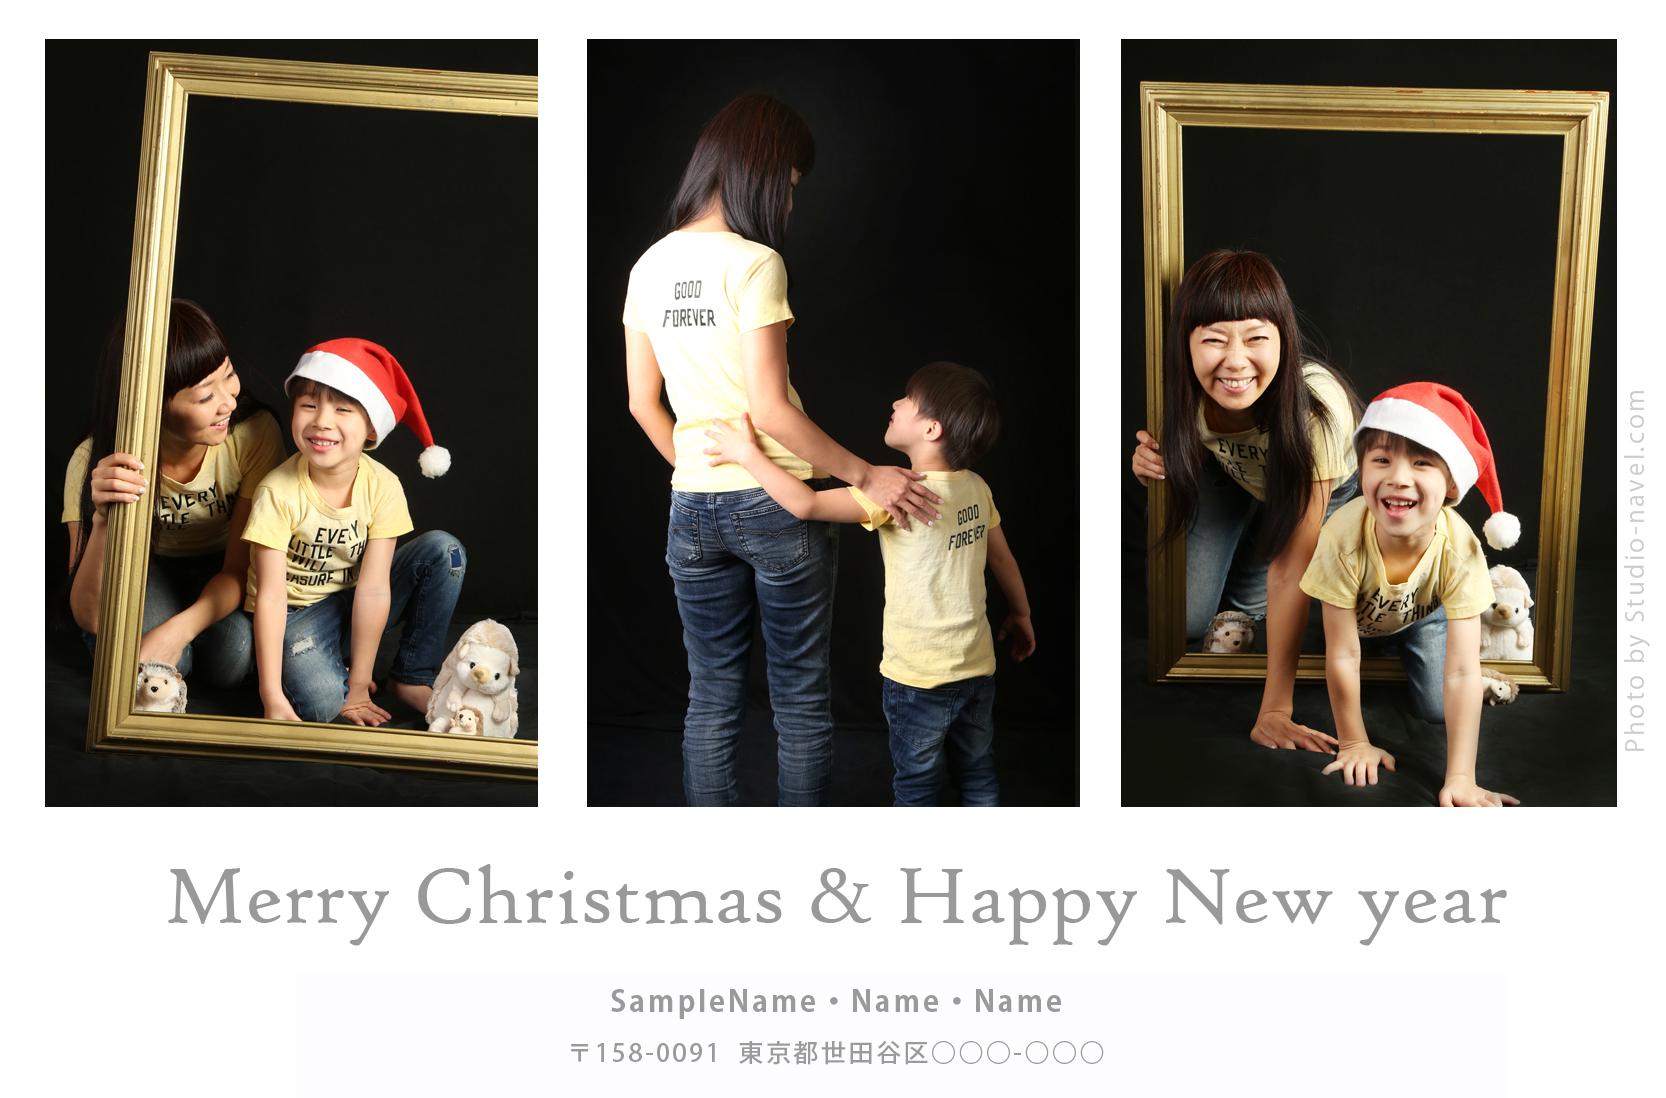 年賀状 sample #032 クリスマスカード&年賀状